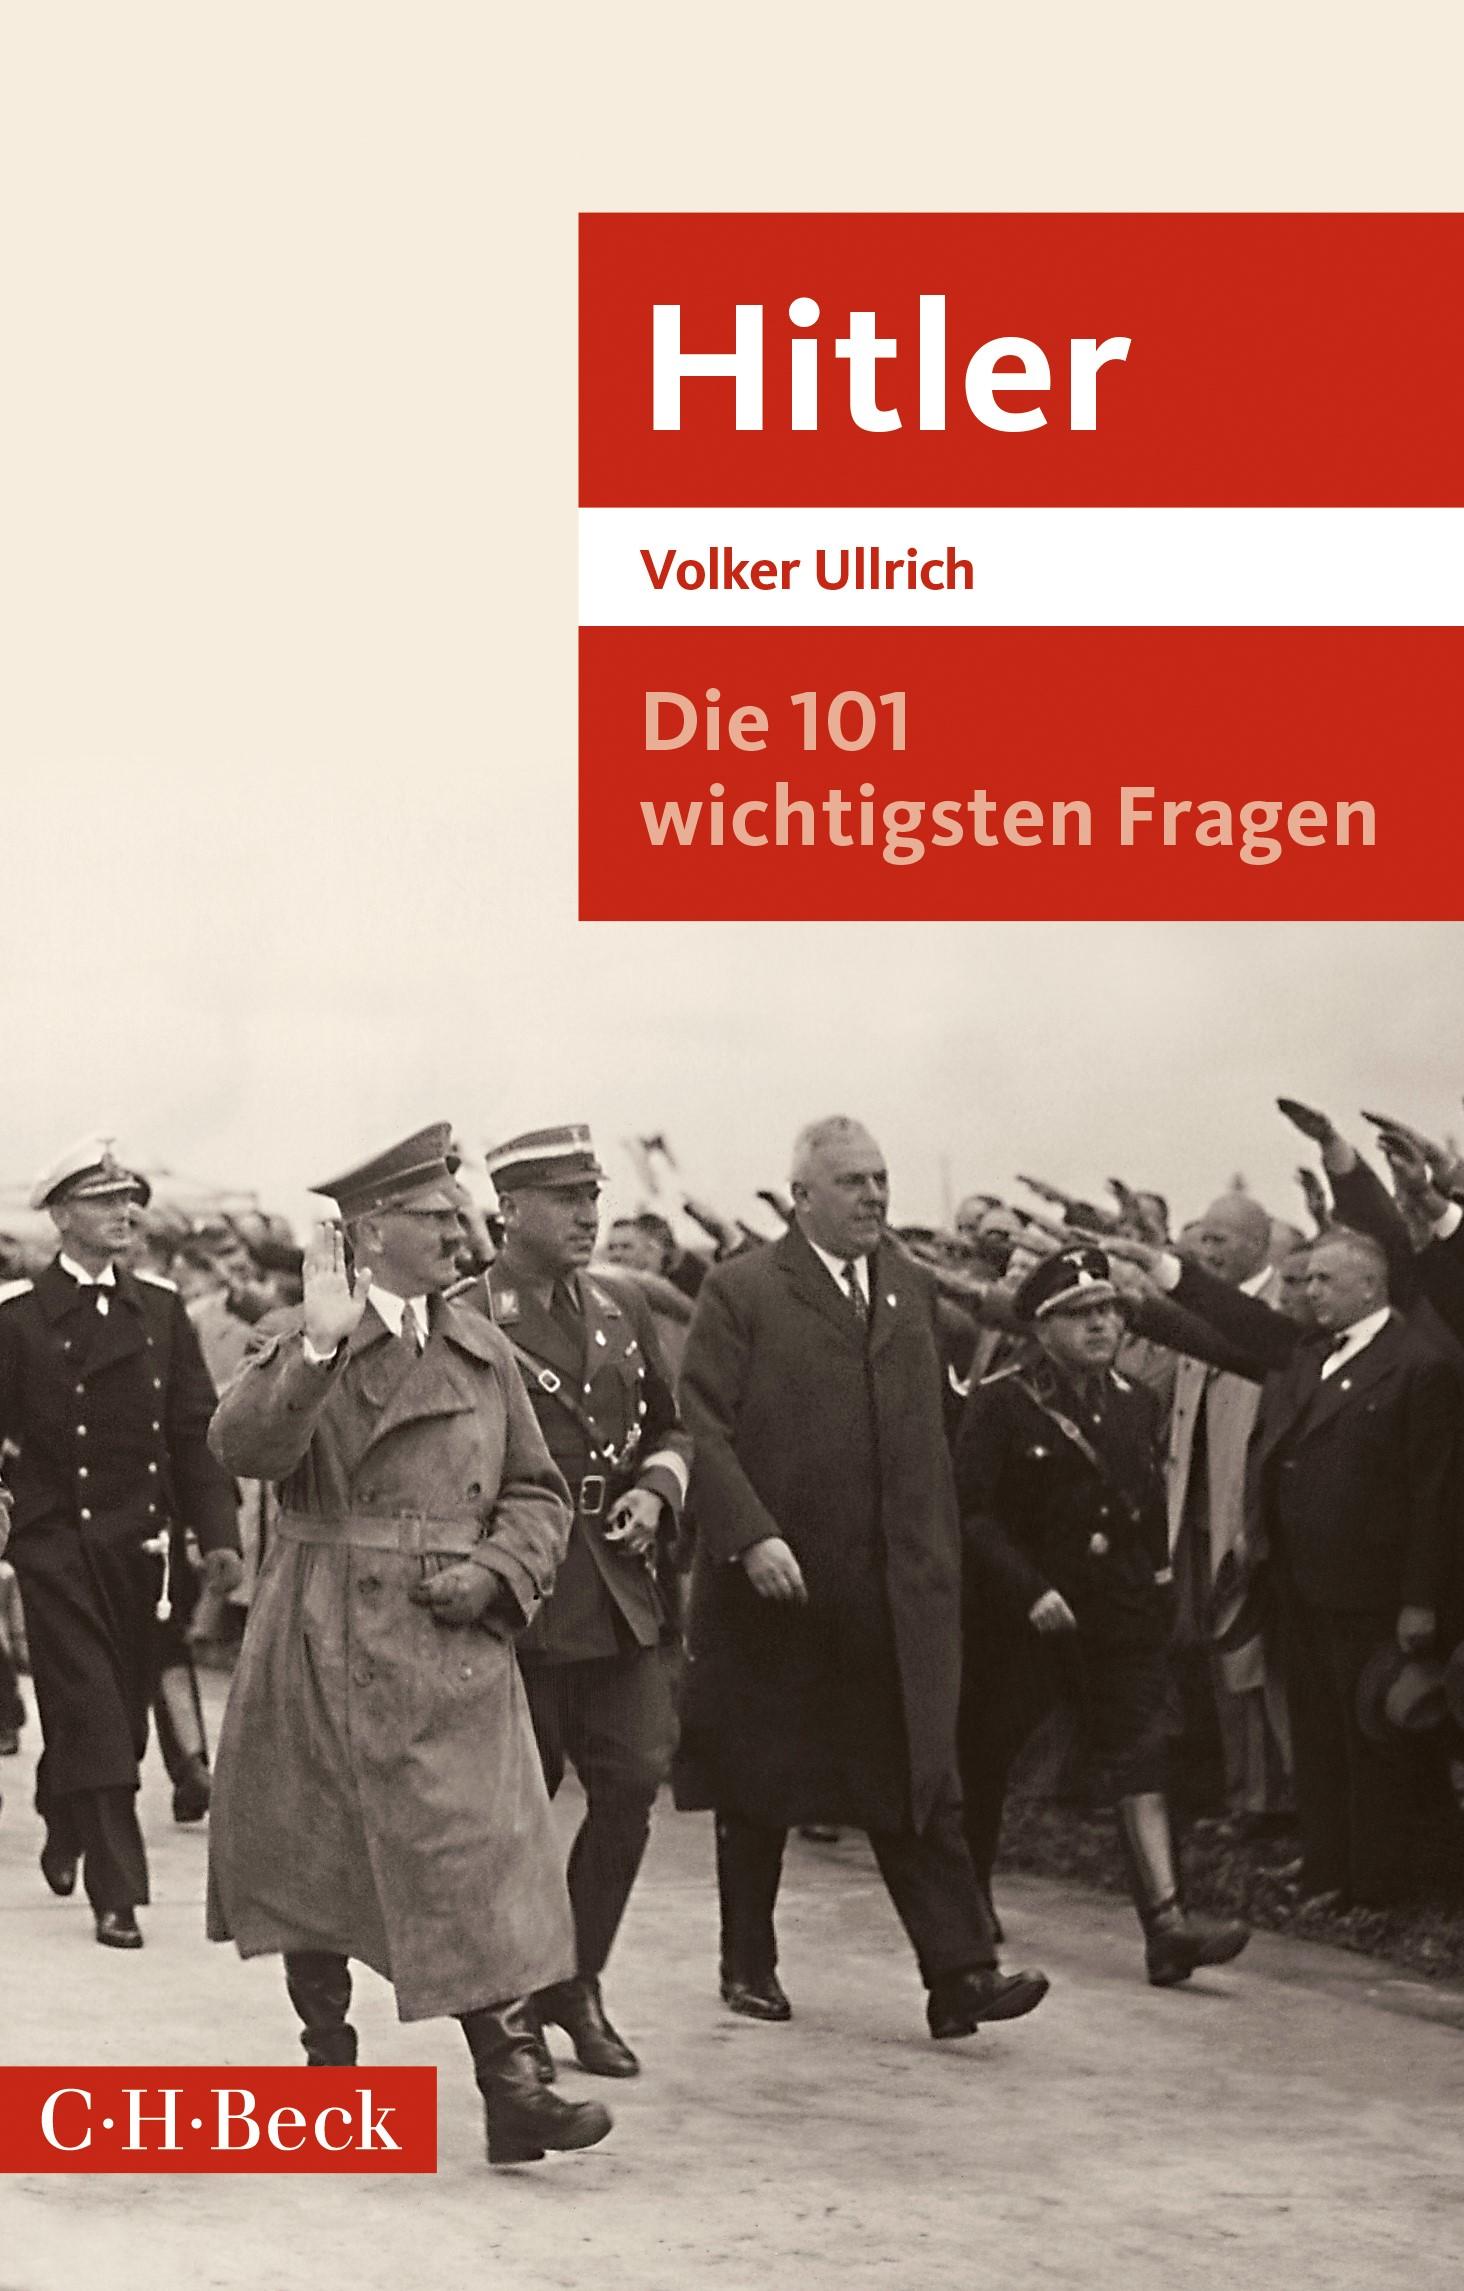 Die 101 wichtigsten Fragen: Hitler | Ullrich, Volker, 2019 | Buch (Cover)